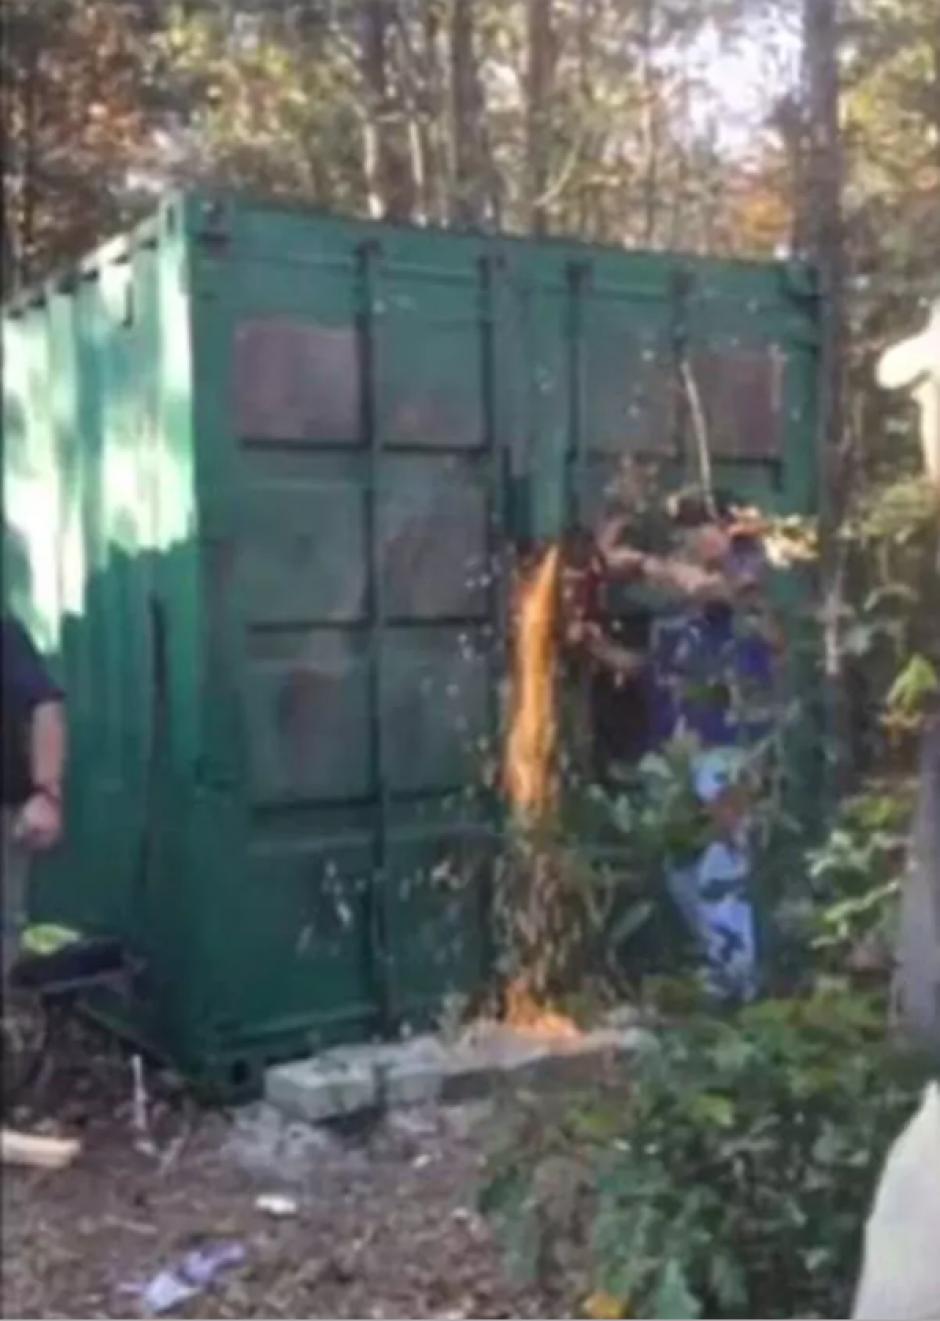 El criminal encerraba a sus víctimas en este contenedor. (Foto: captura de pantalla)